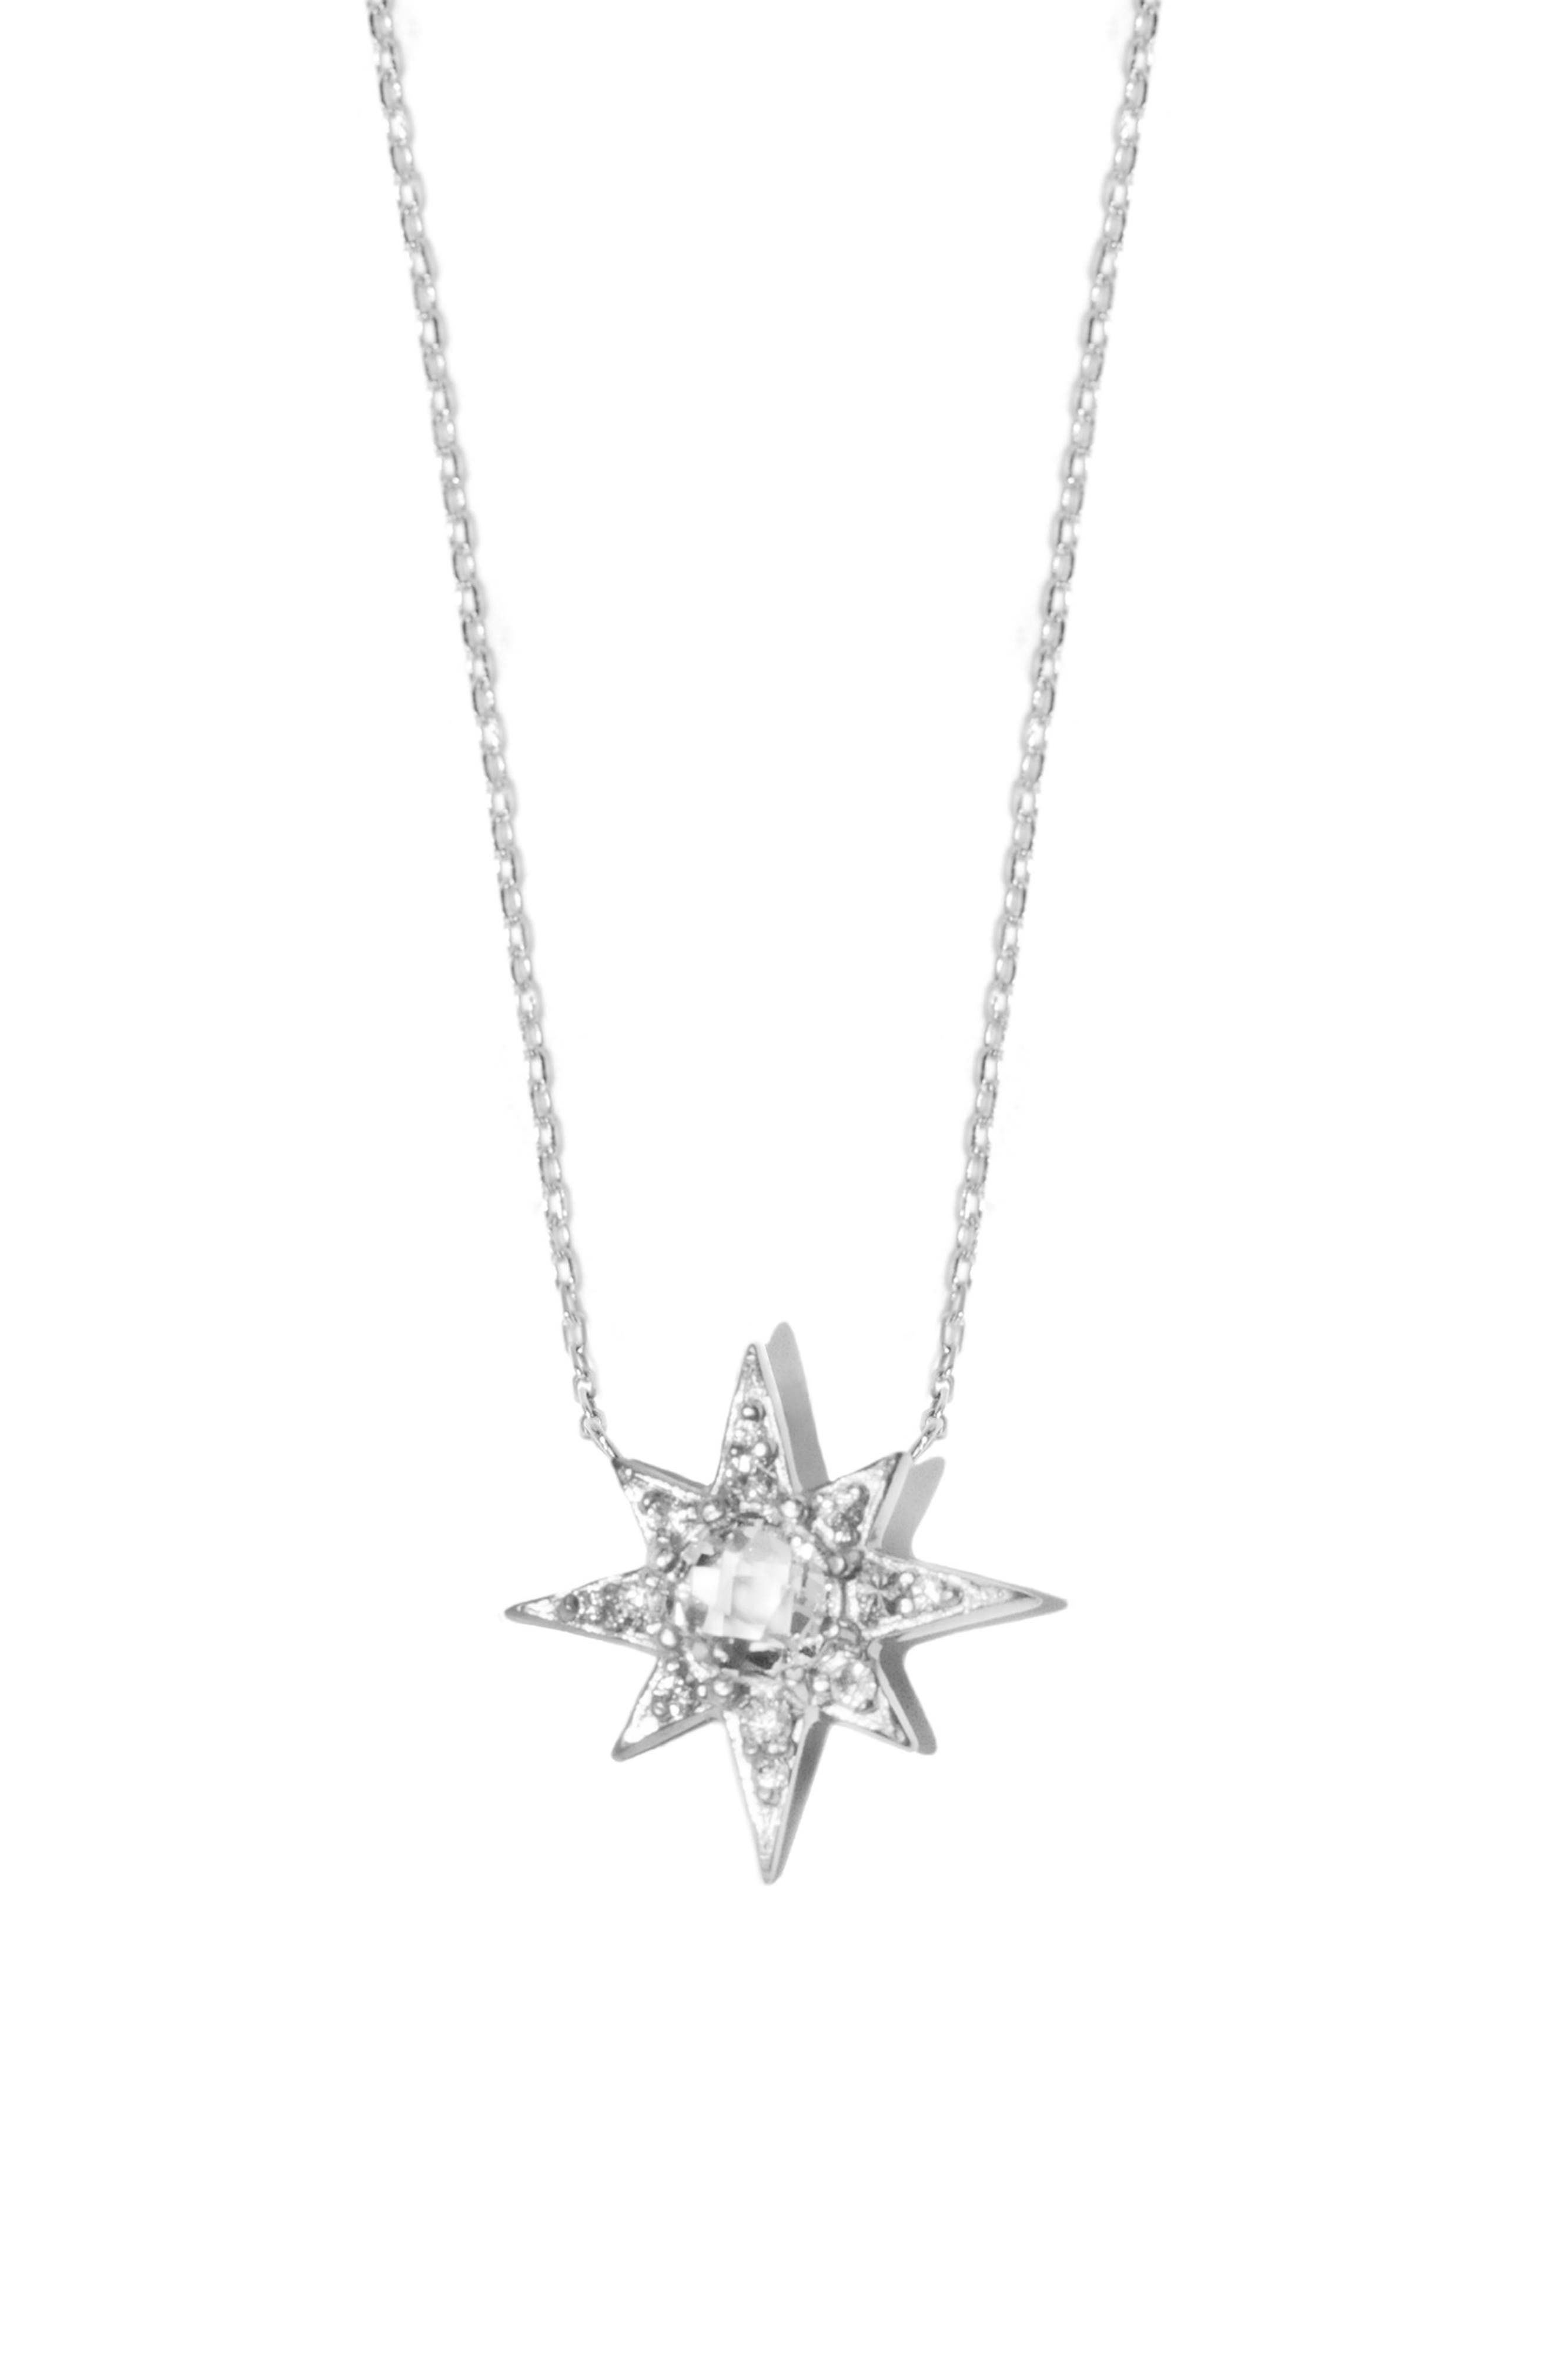 Aztec Sunburst White Topaz Sapphire Pendant Necklace,                         Main,                         color, Silver